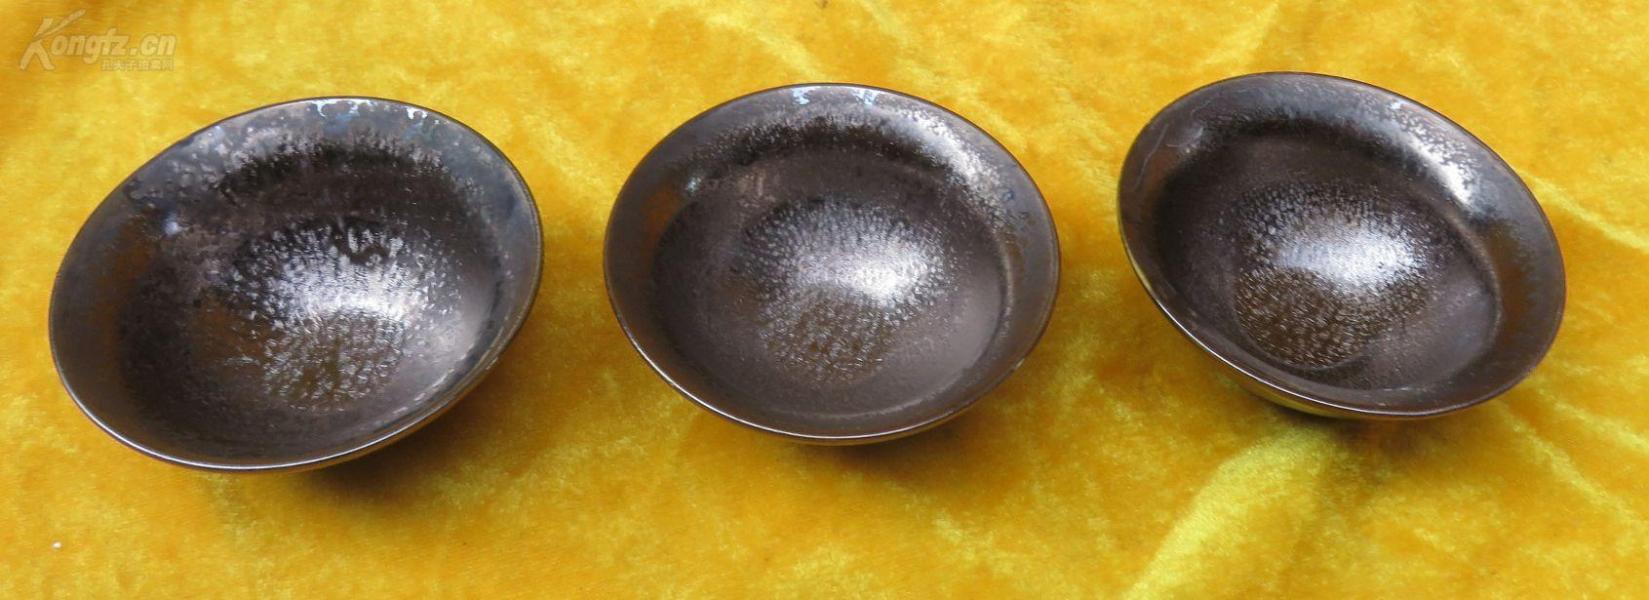 窑变缤纷陶瓷杯子3个19032311